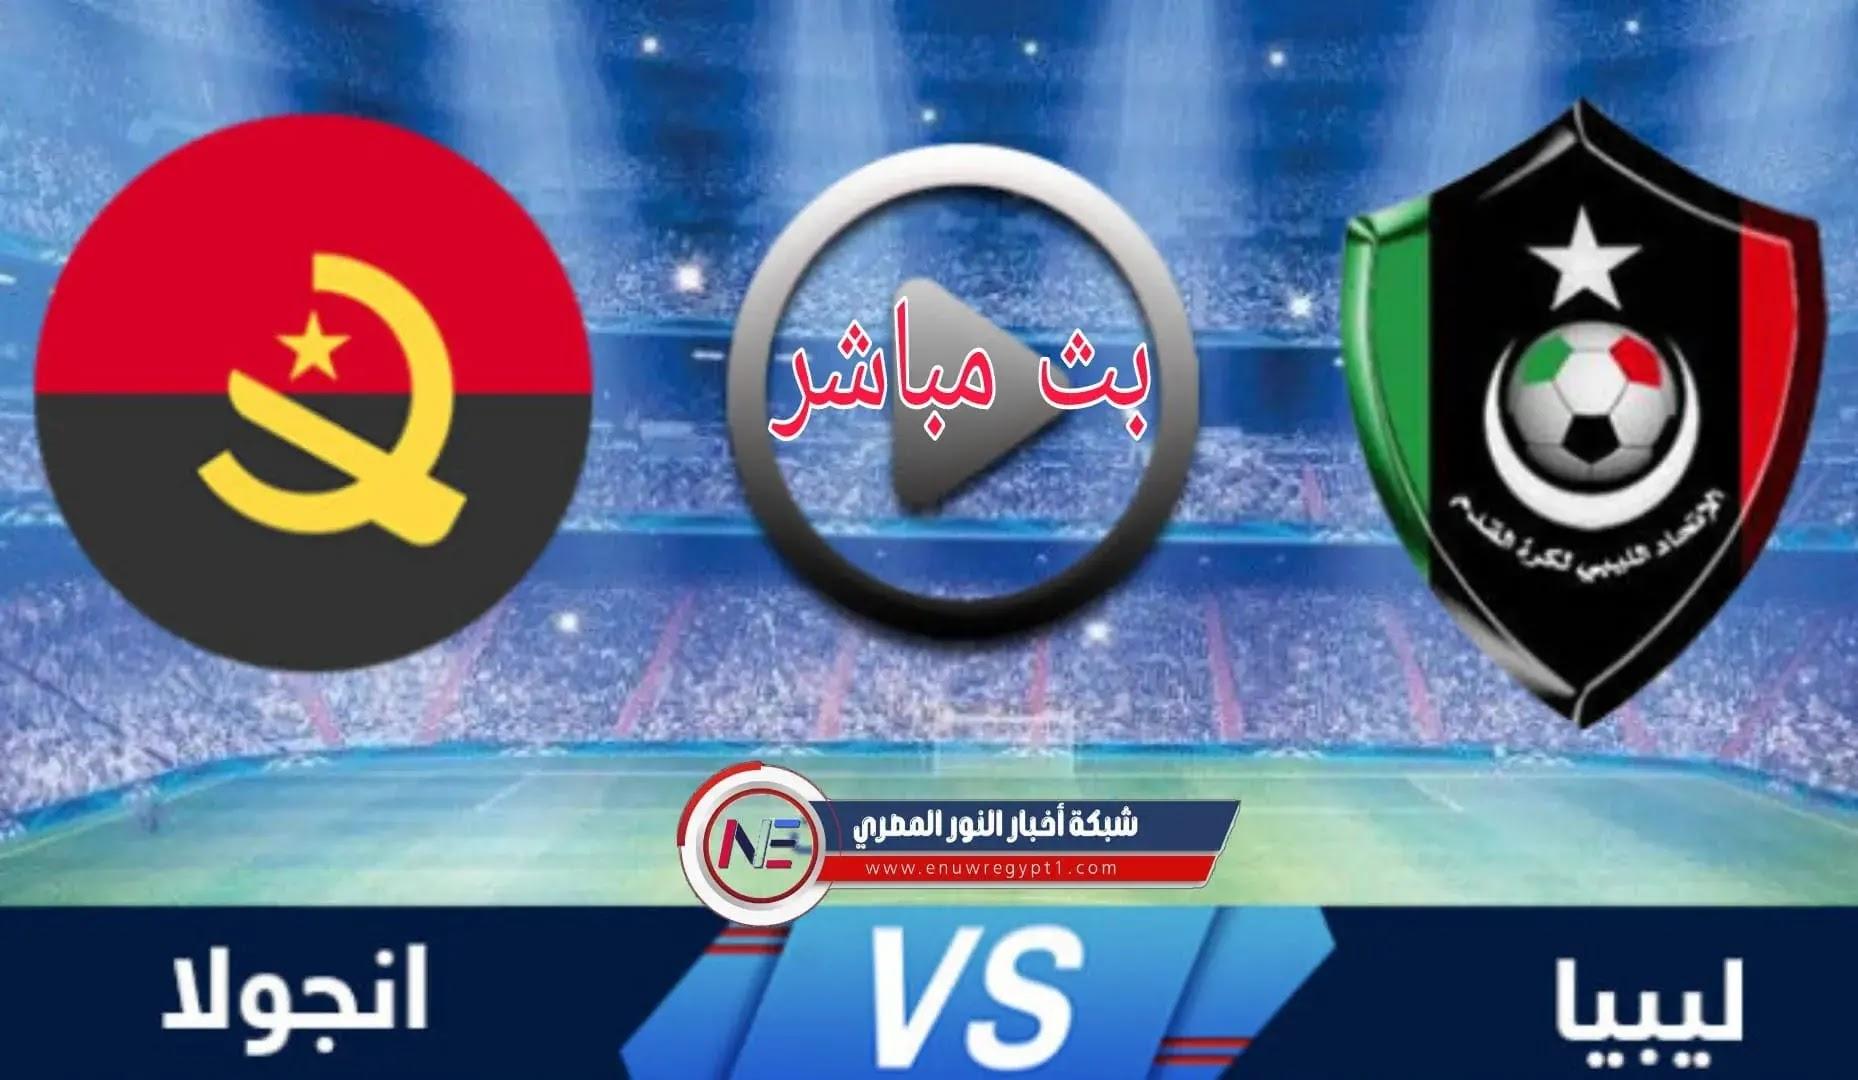 كورة ستار HD بث مباشر يوتيوب   مشاهدة مباراة ليبيا و انجولا بث مباشر اليوم 07-09-2021 لايف في تصفيات كأس العالم